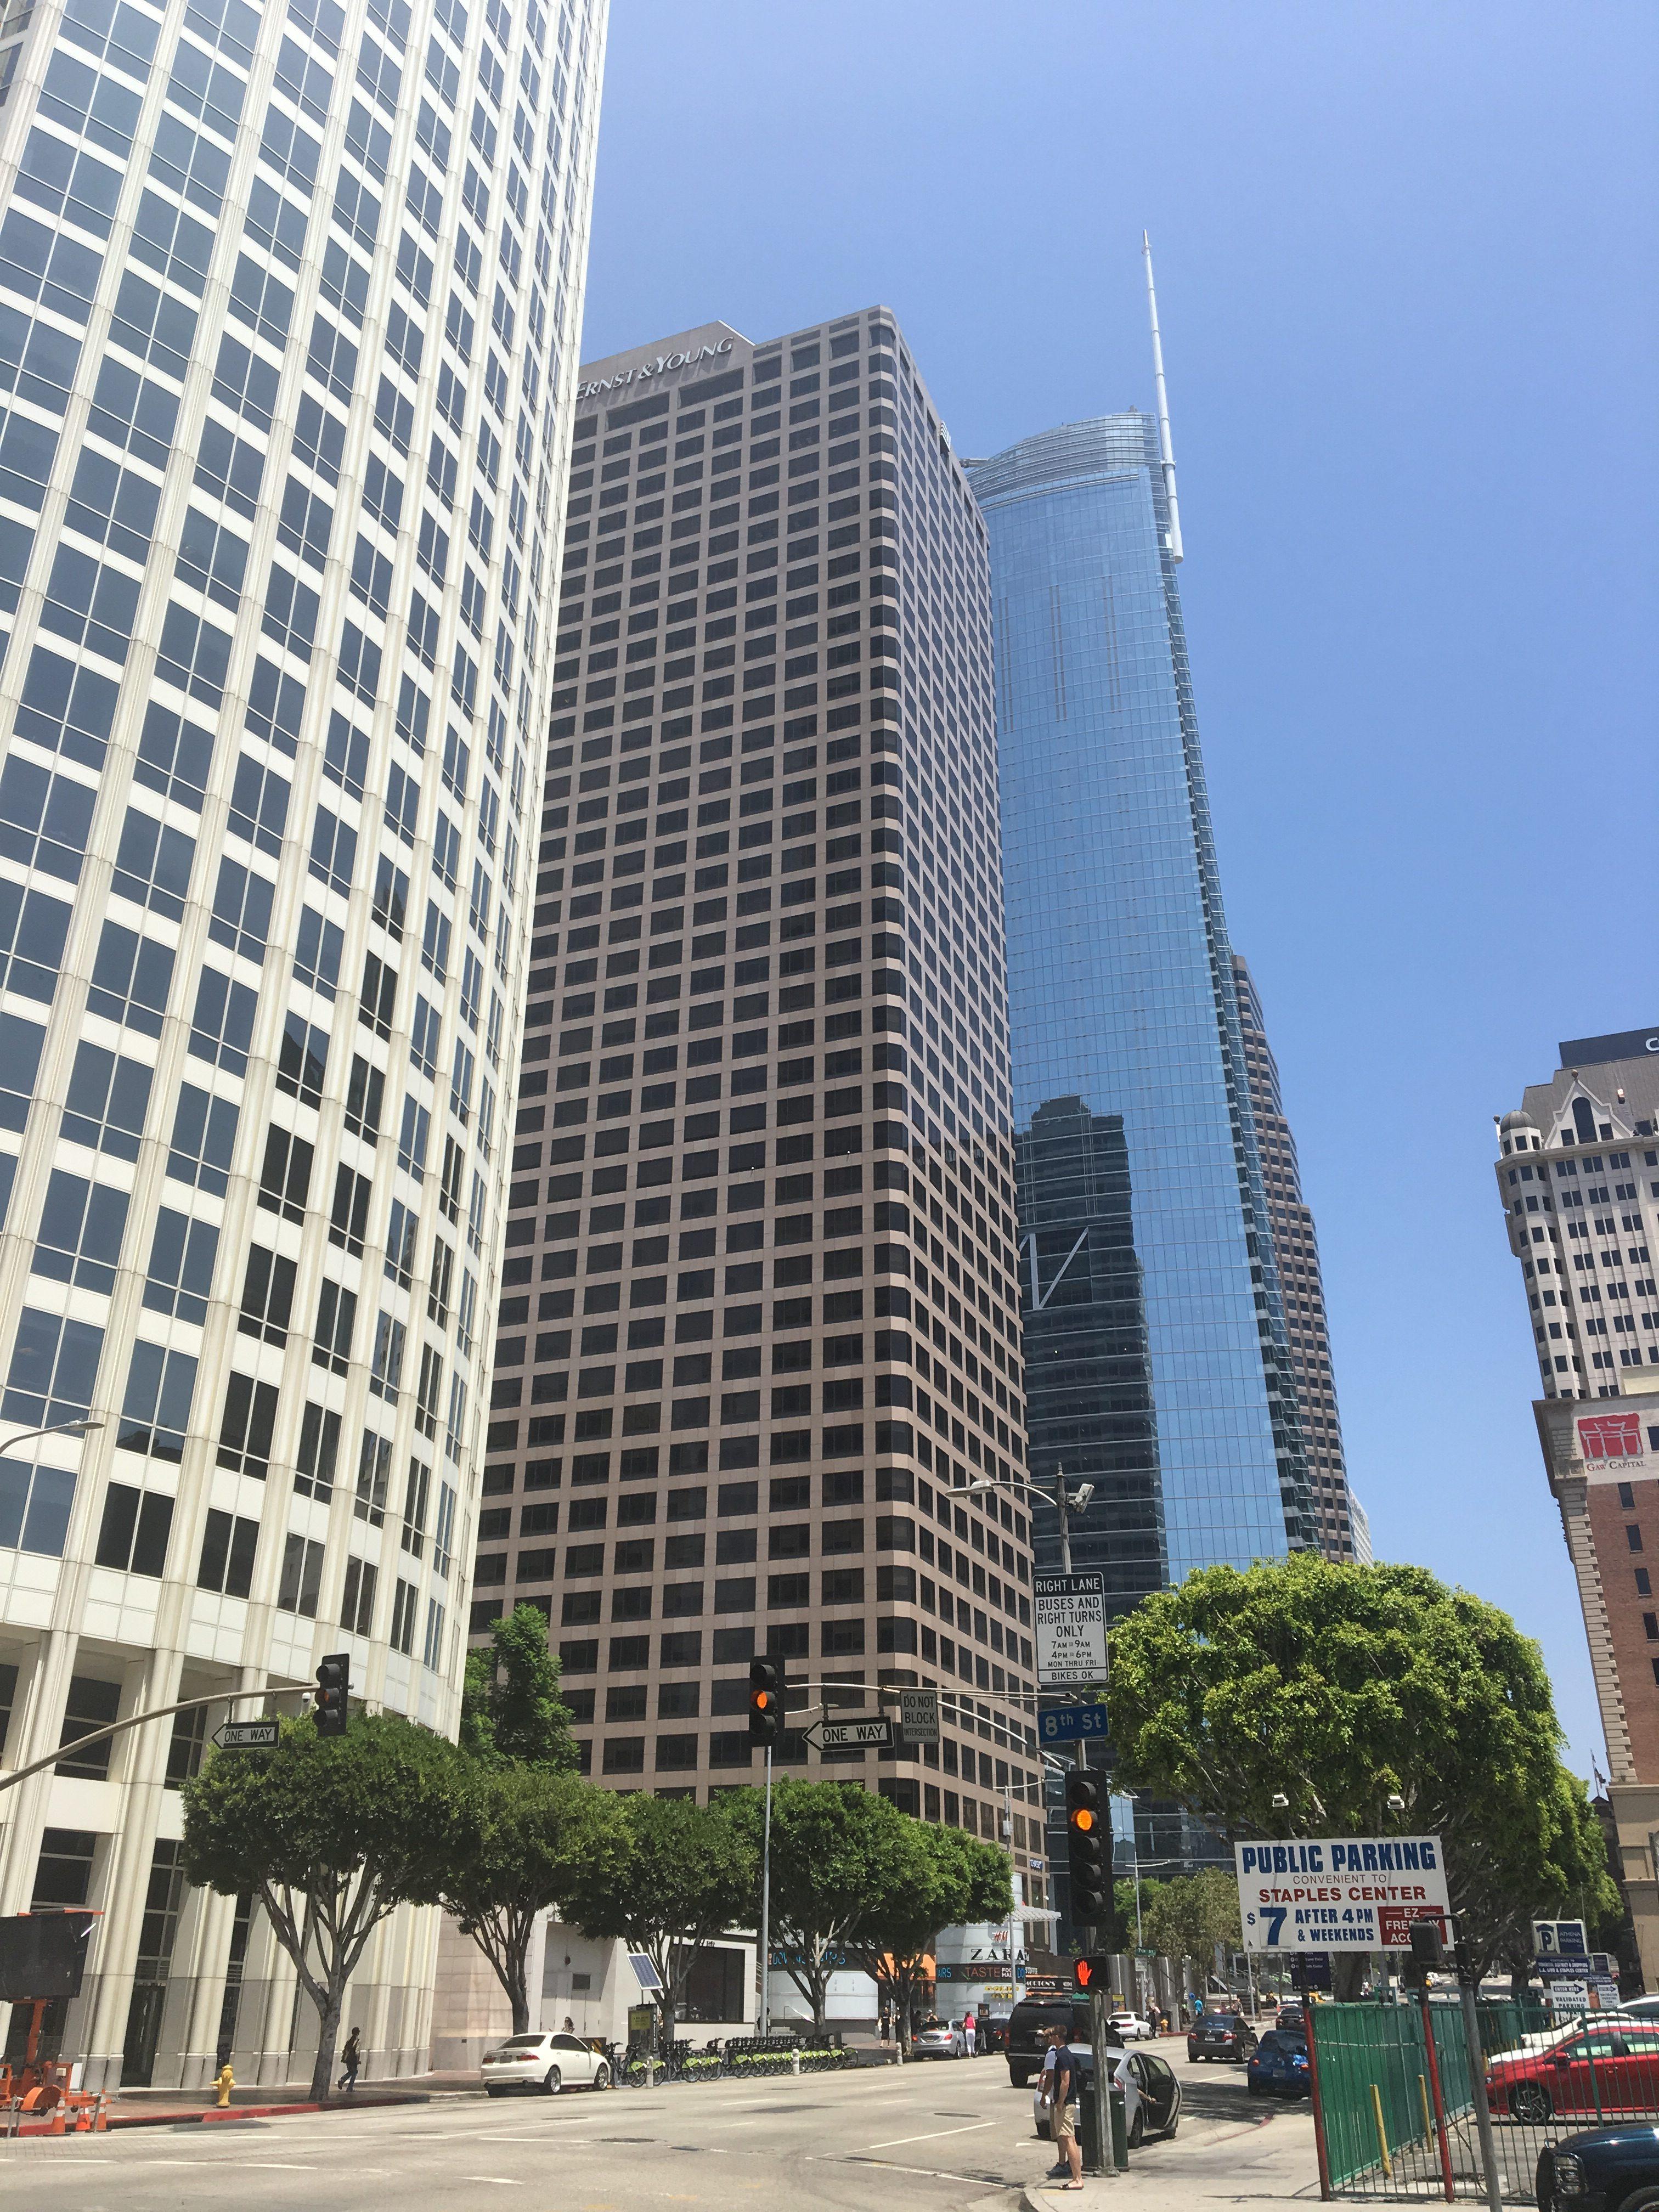 W centrum Los Angeles jest wiele biurowców, w których mieszczą się siedziby rozpoznawalnych na całym świecie korporacji.